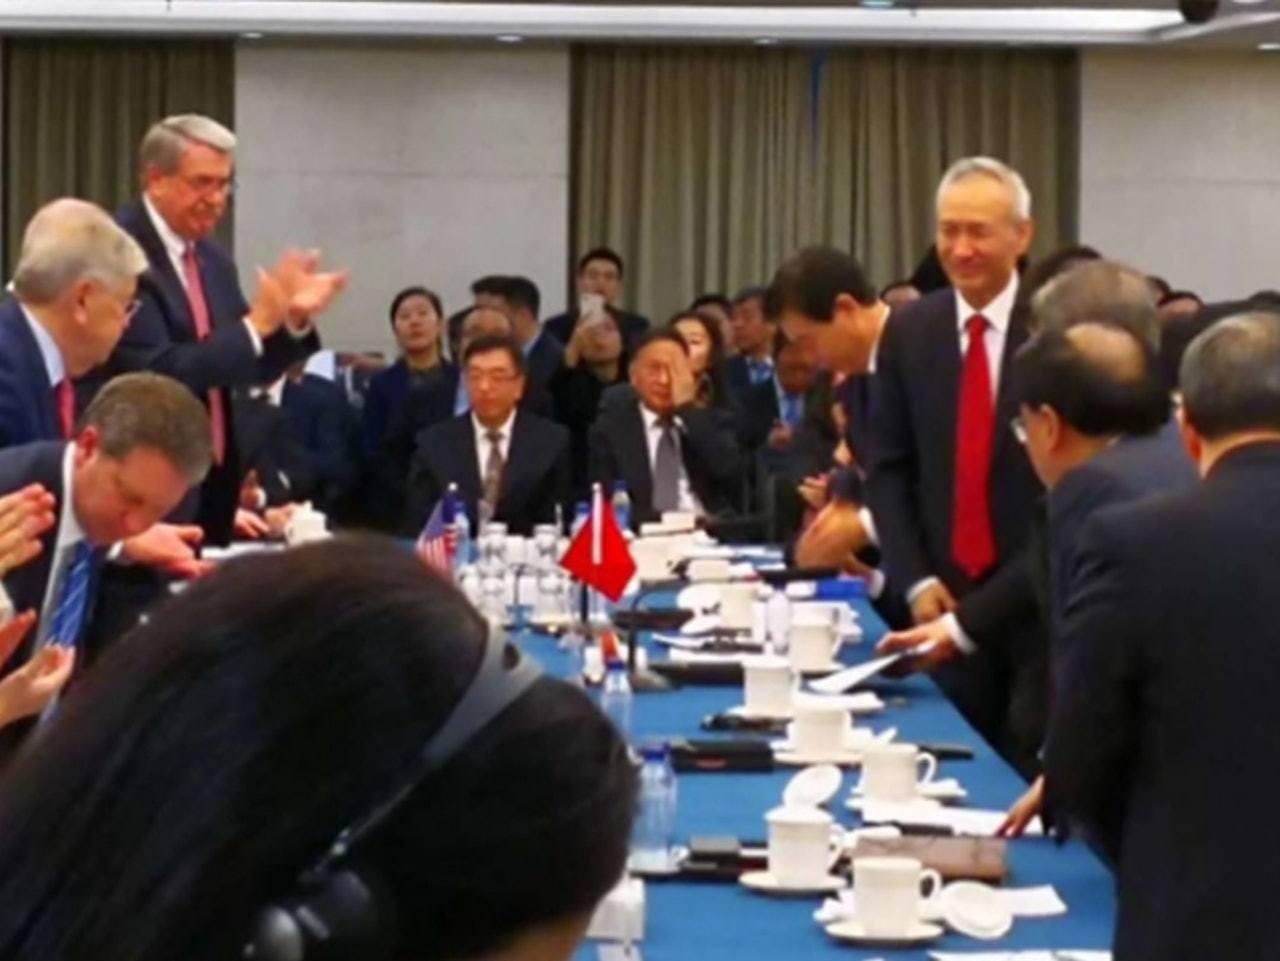 據曝光的照片顯示,大陸國務院副總理劉鶴現身中美談判,雙方代表都笑容滿面,談判氛圍...